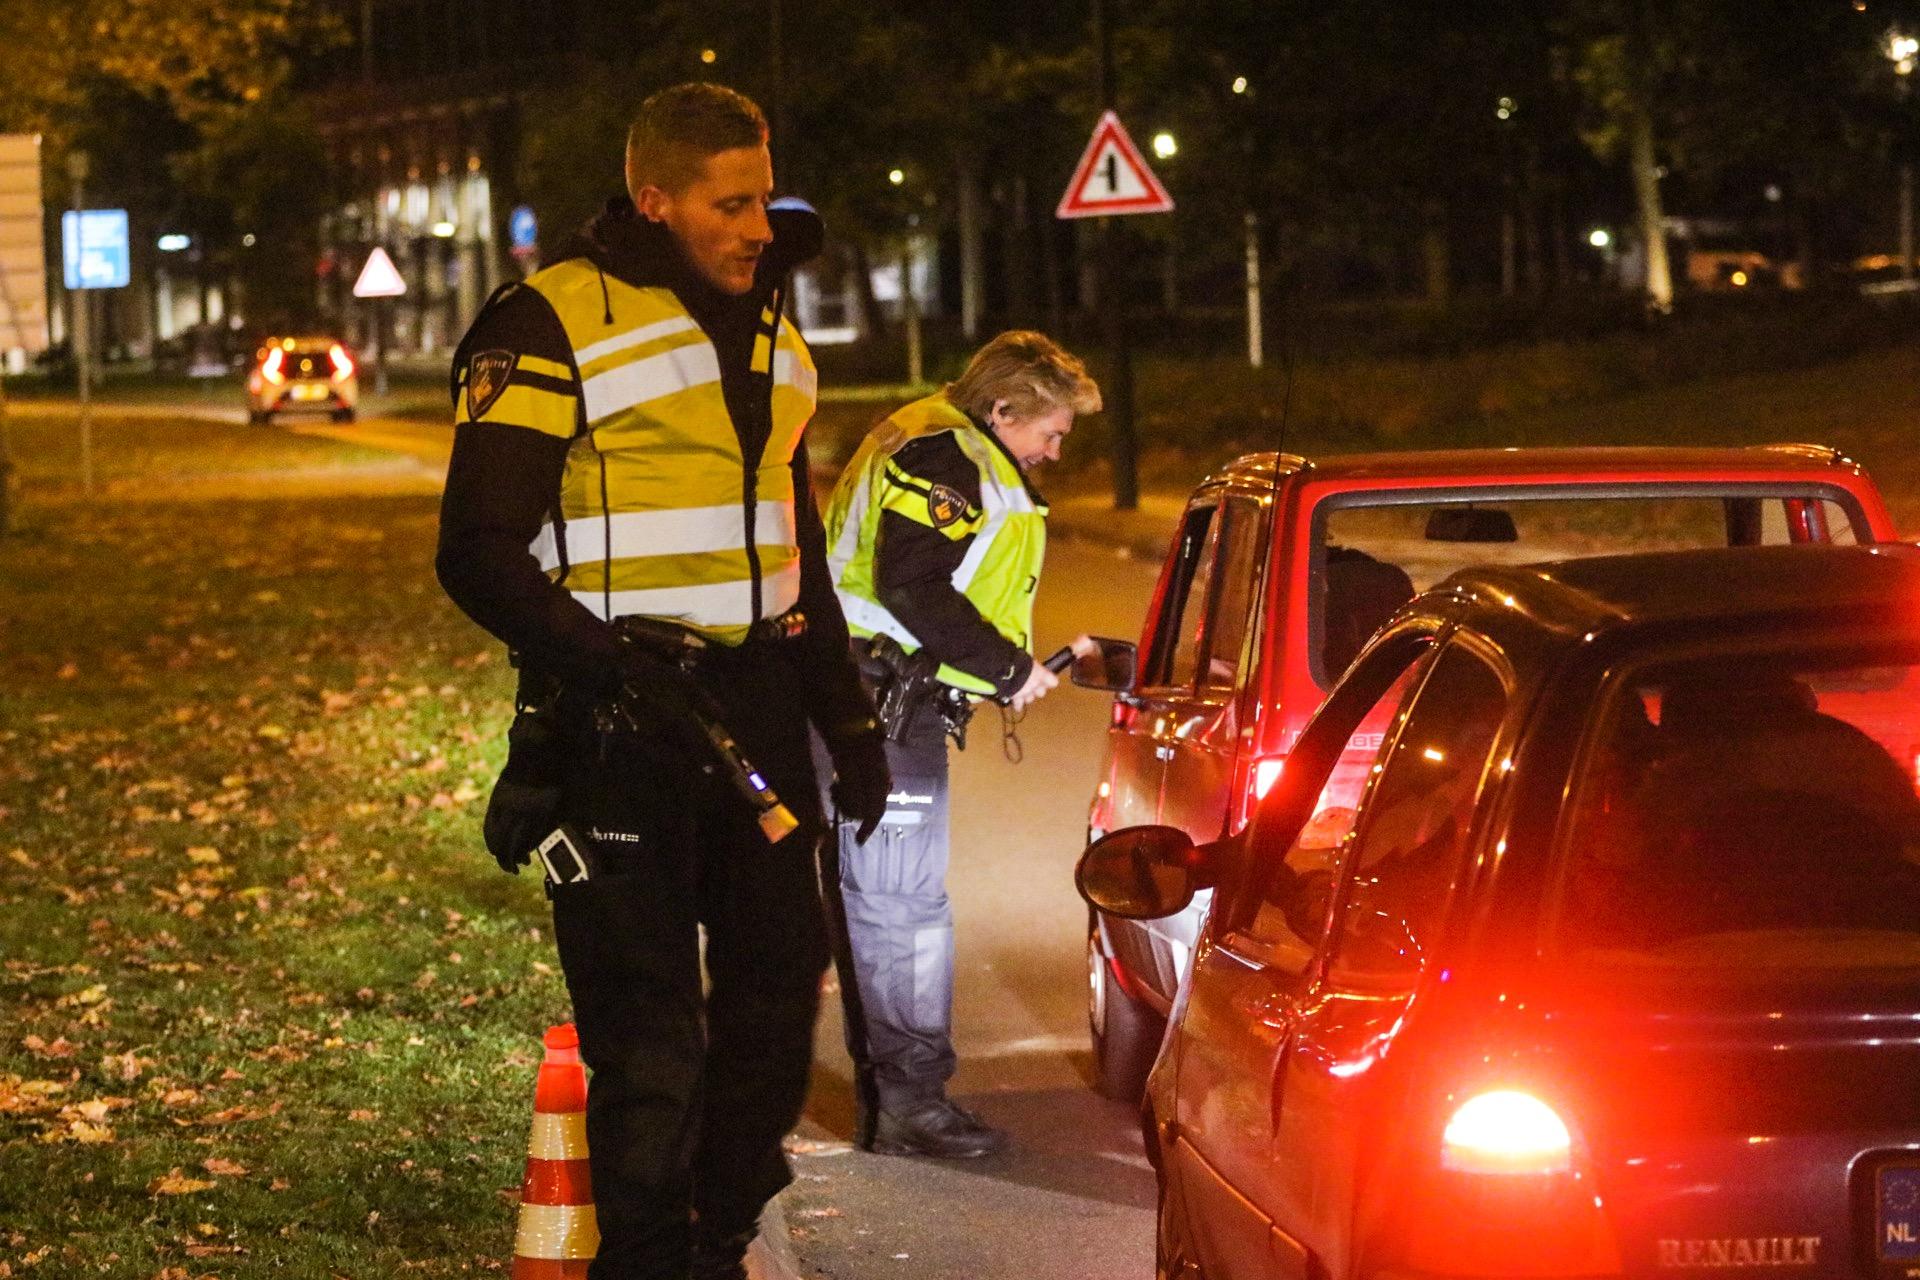 Meerdere drankrijders beboet bij Alcoholcontroles rondom centrum Apeldoorn